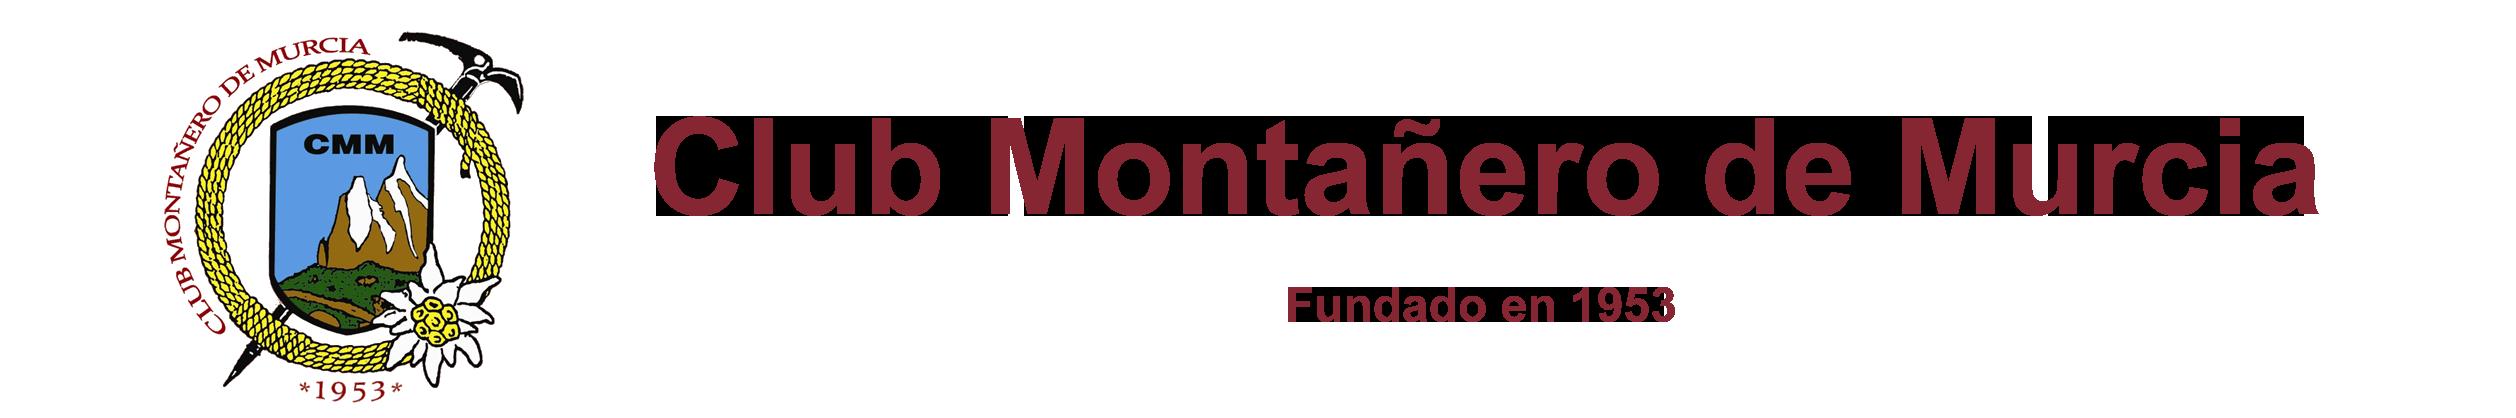 Club Montañero de Murcia